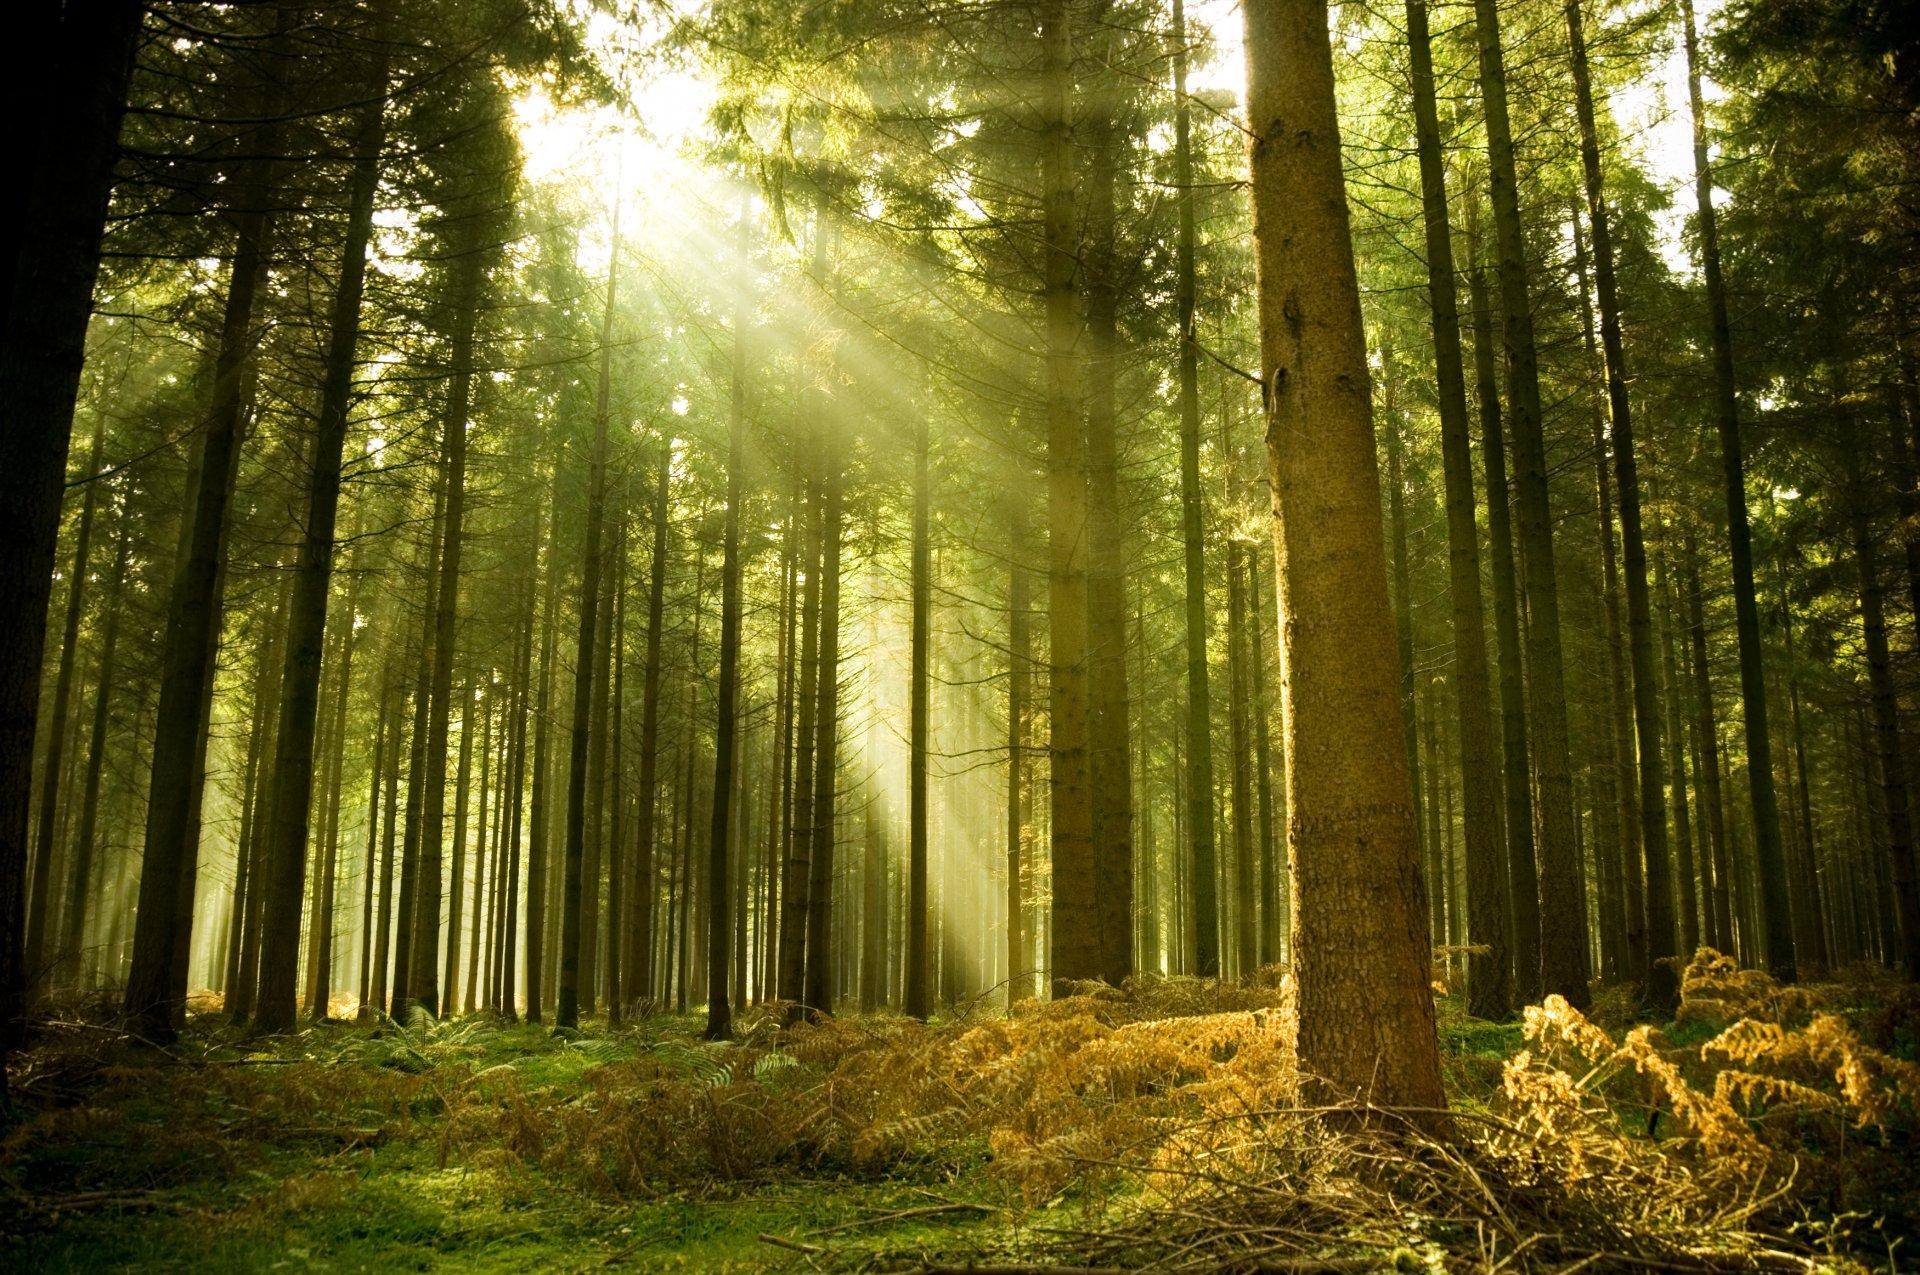 фото на фоне леса - 13